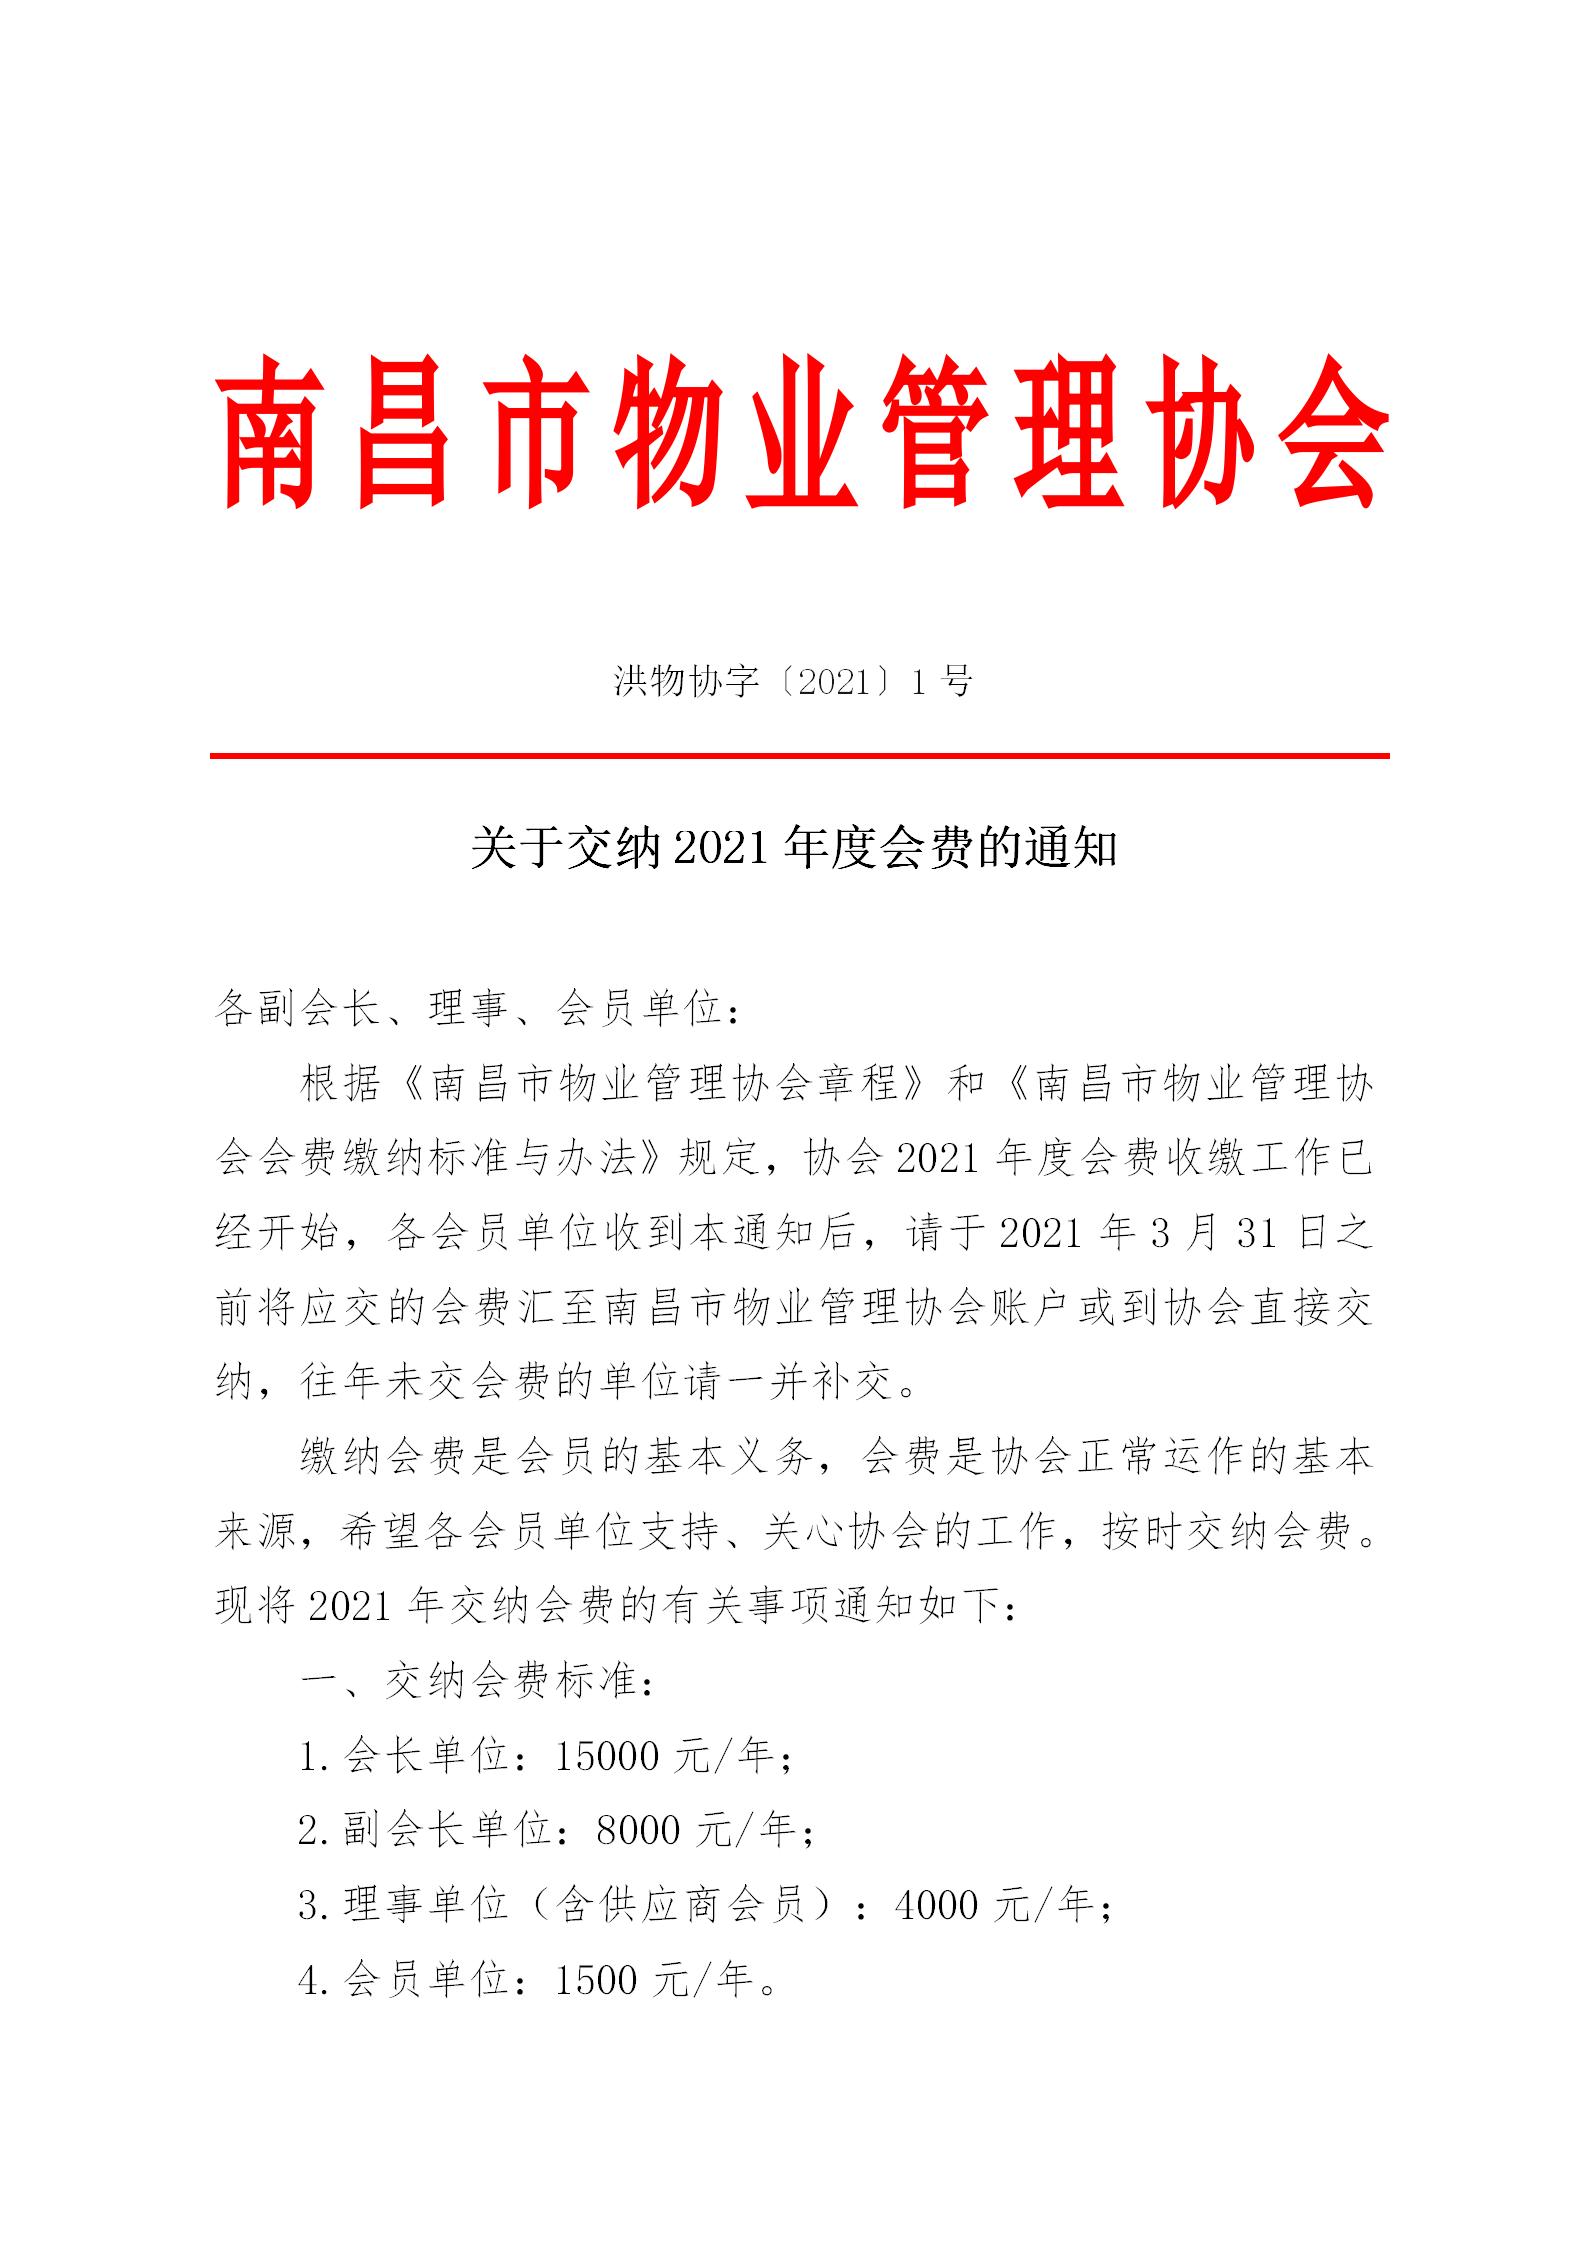 洪物协字[2021]1号关于交纳2021年度会费的通知_01.png